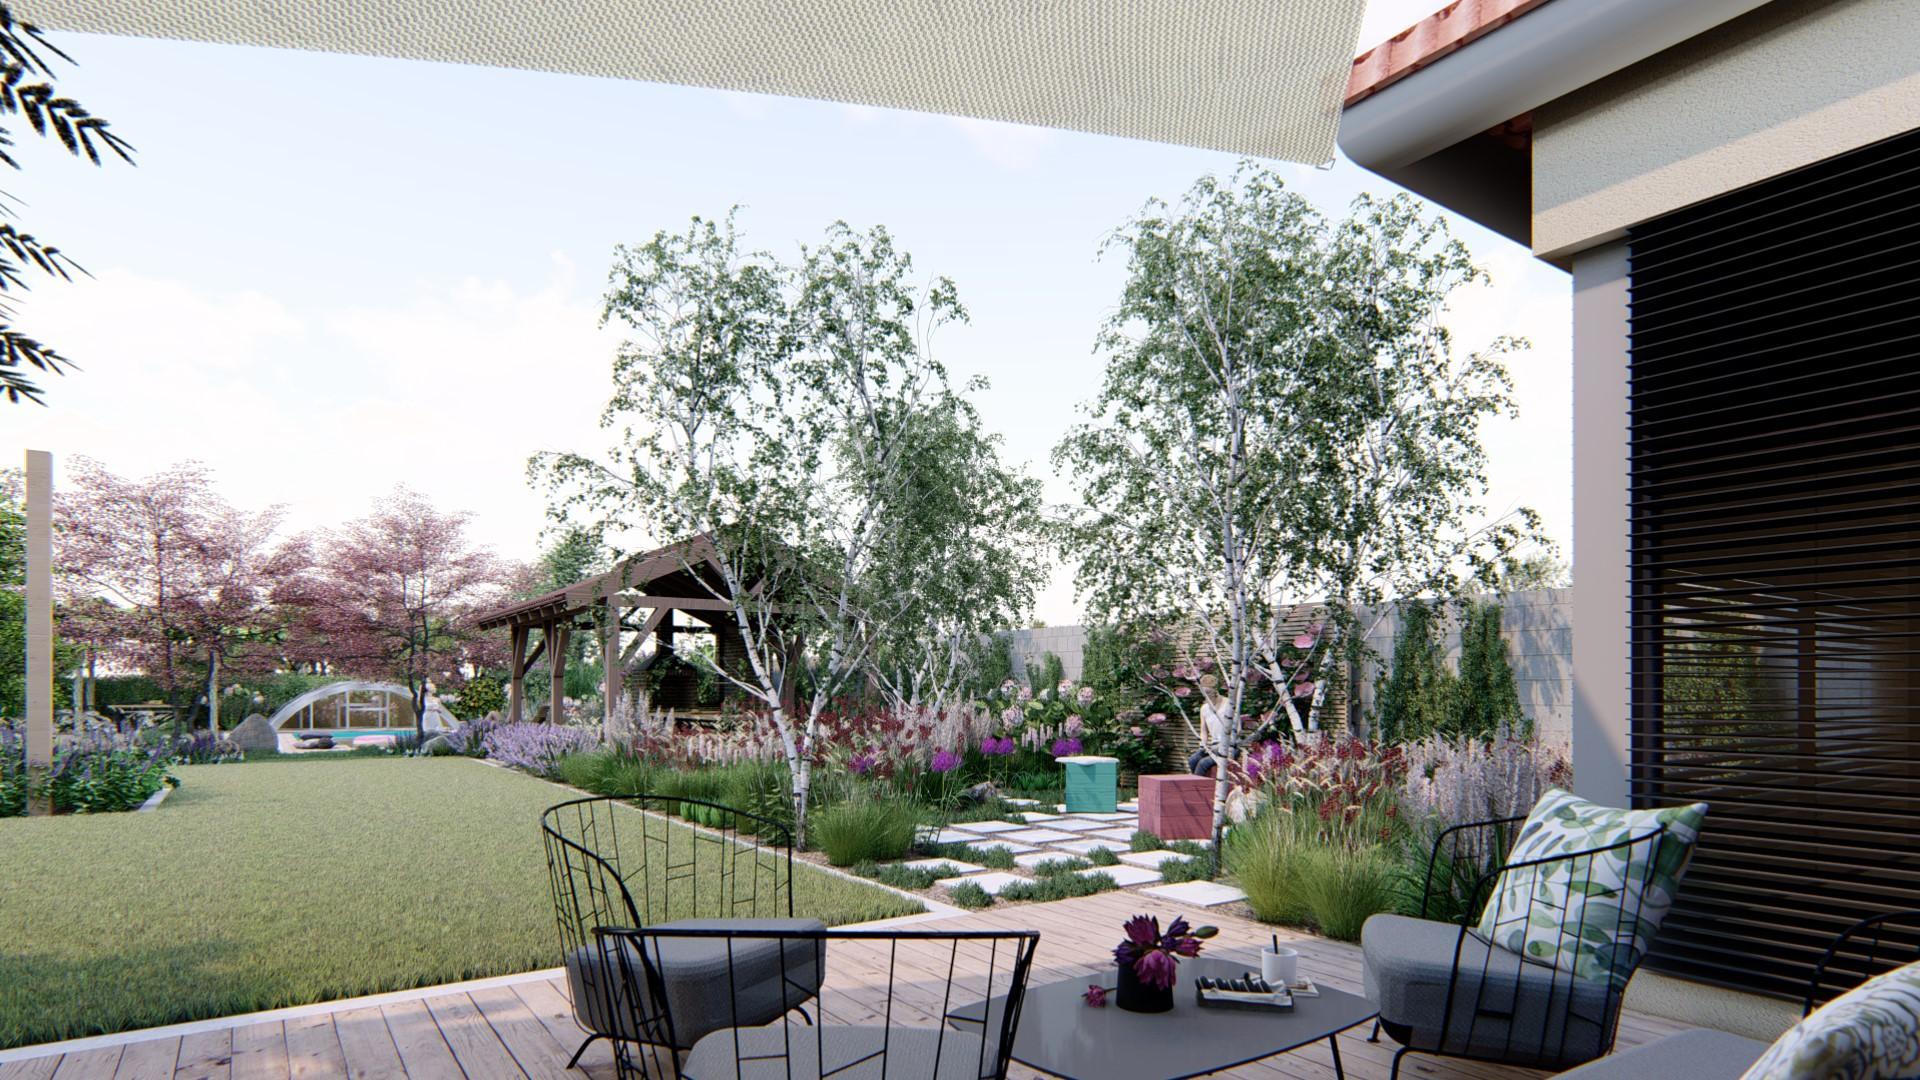 Záhrada s brezami - Obrázok č. 1